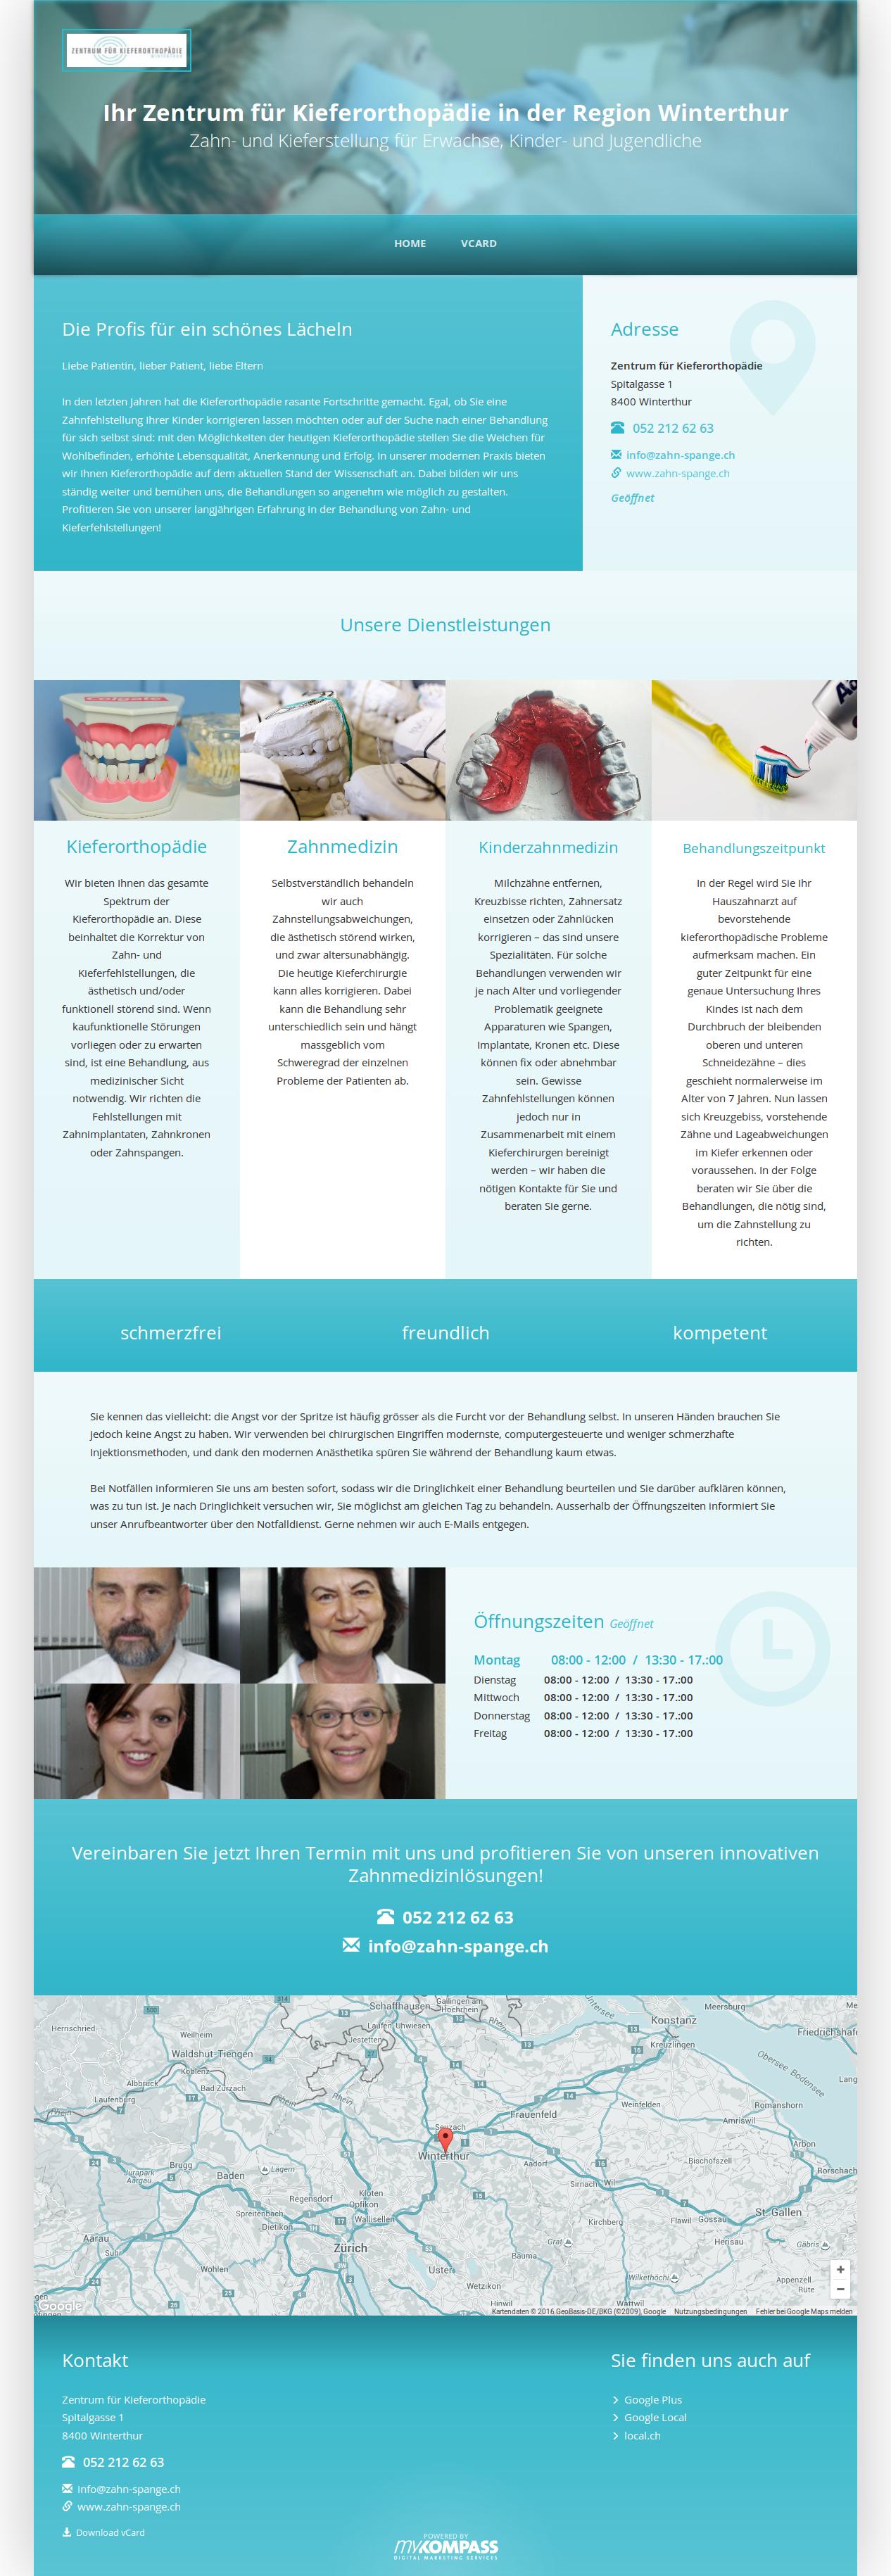 Zentrum für Kieferorthopädie, Winterthur, Zahnmedizin, ästhetische Zahnmedizin, Kinderzahnmedizin, Zahnreinigung